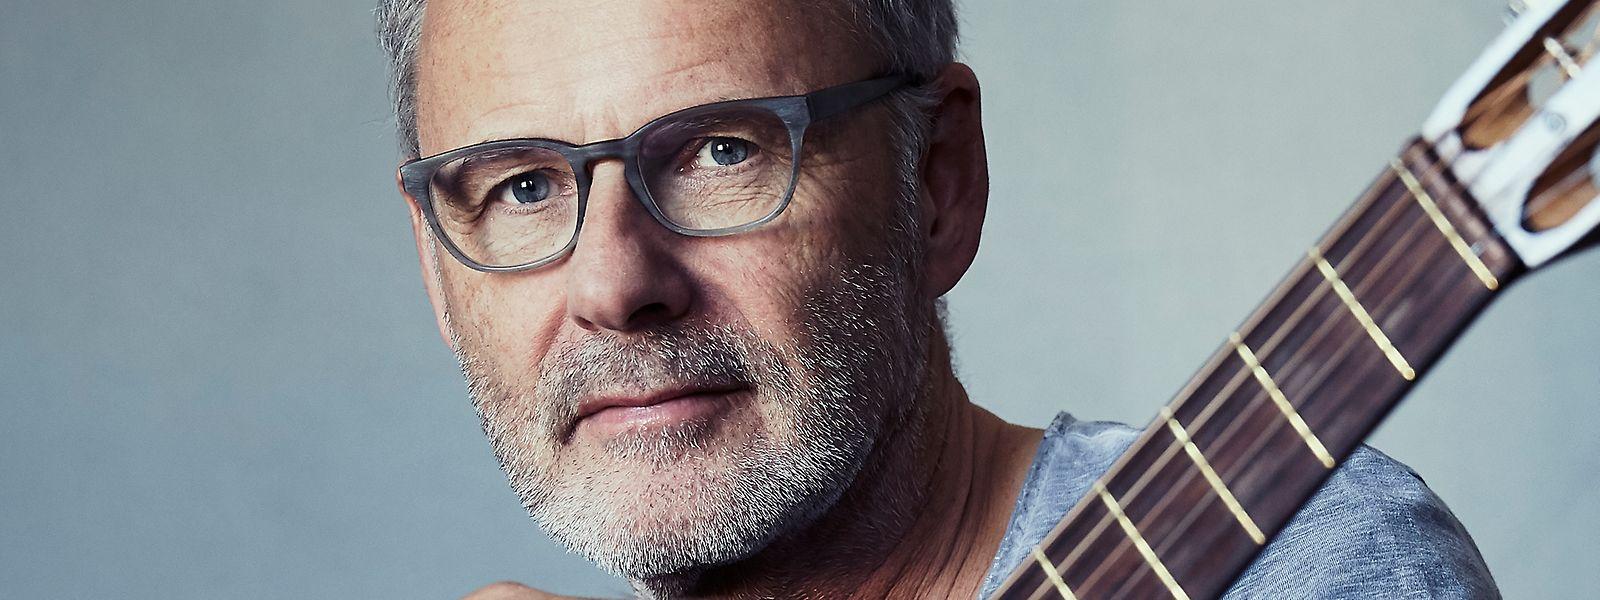 """Reinhold Beckmann ist nicht nur einer der bekanntesten TV-Journalisten Deutschlands. Inzwischen legt er als Musiker mit """"Haltbar bis Ende"""" sein drittes Album vor."""